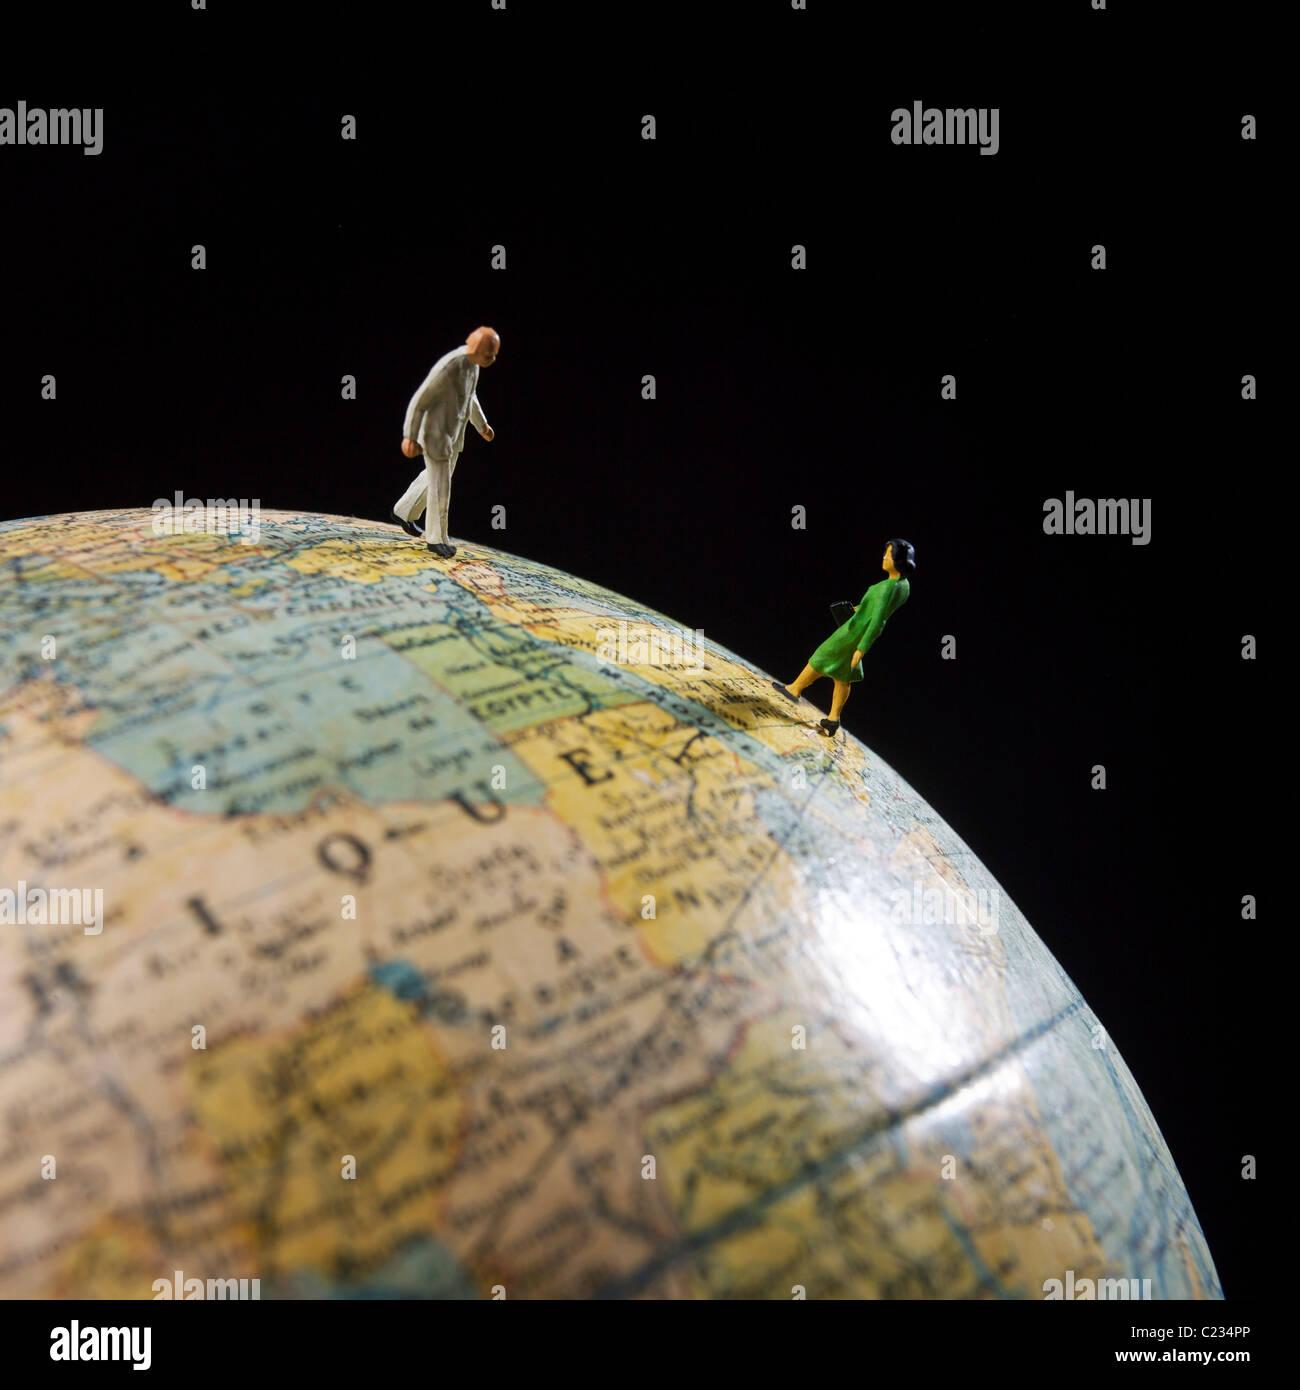 Konzept - Reisen, Kommunikation, Business, Welthandel, Export, Import, weltweite Reisen Stockbild